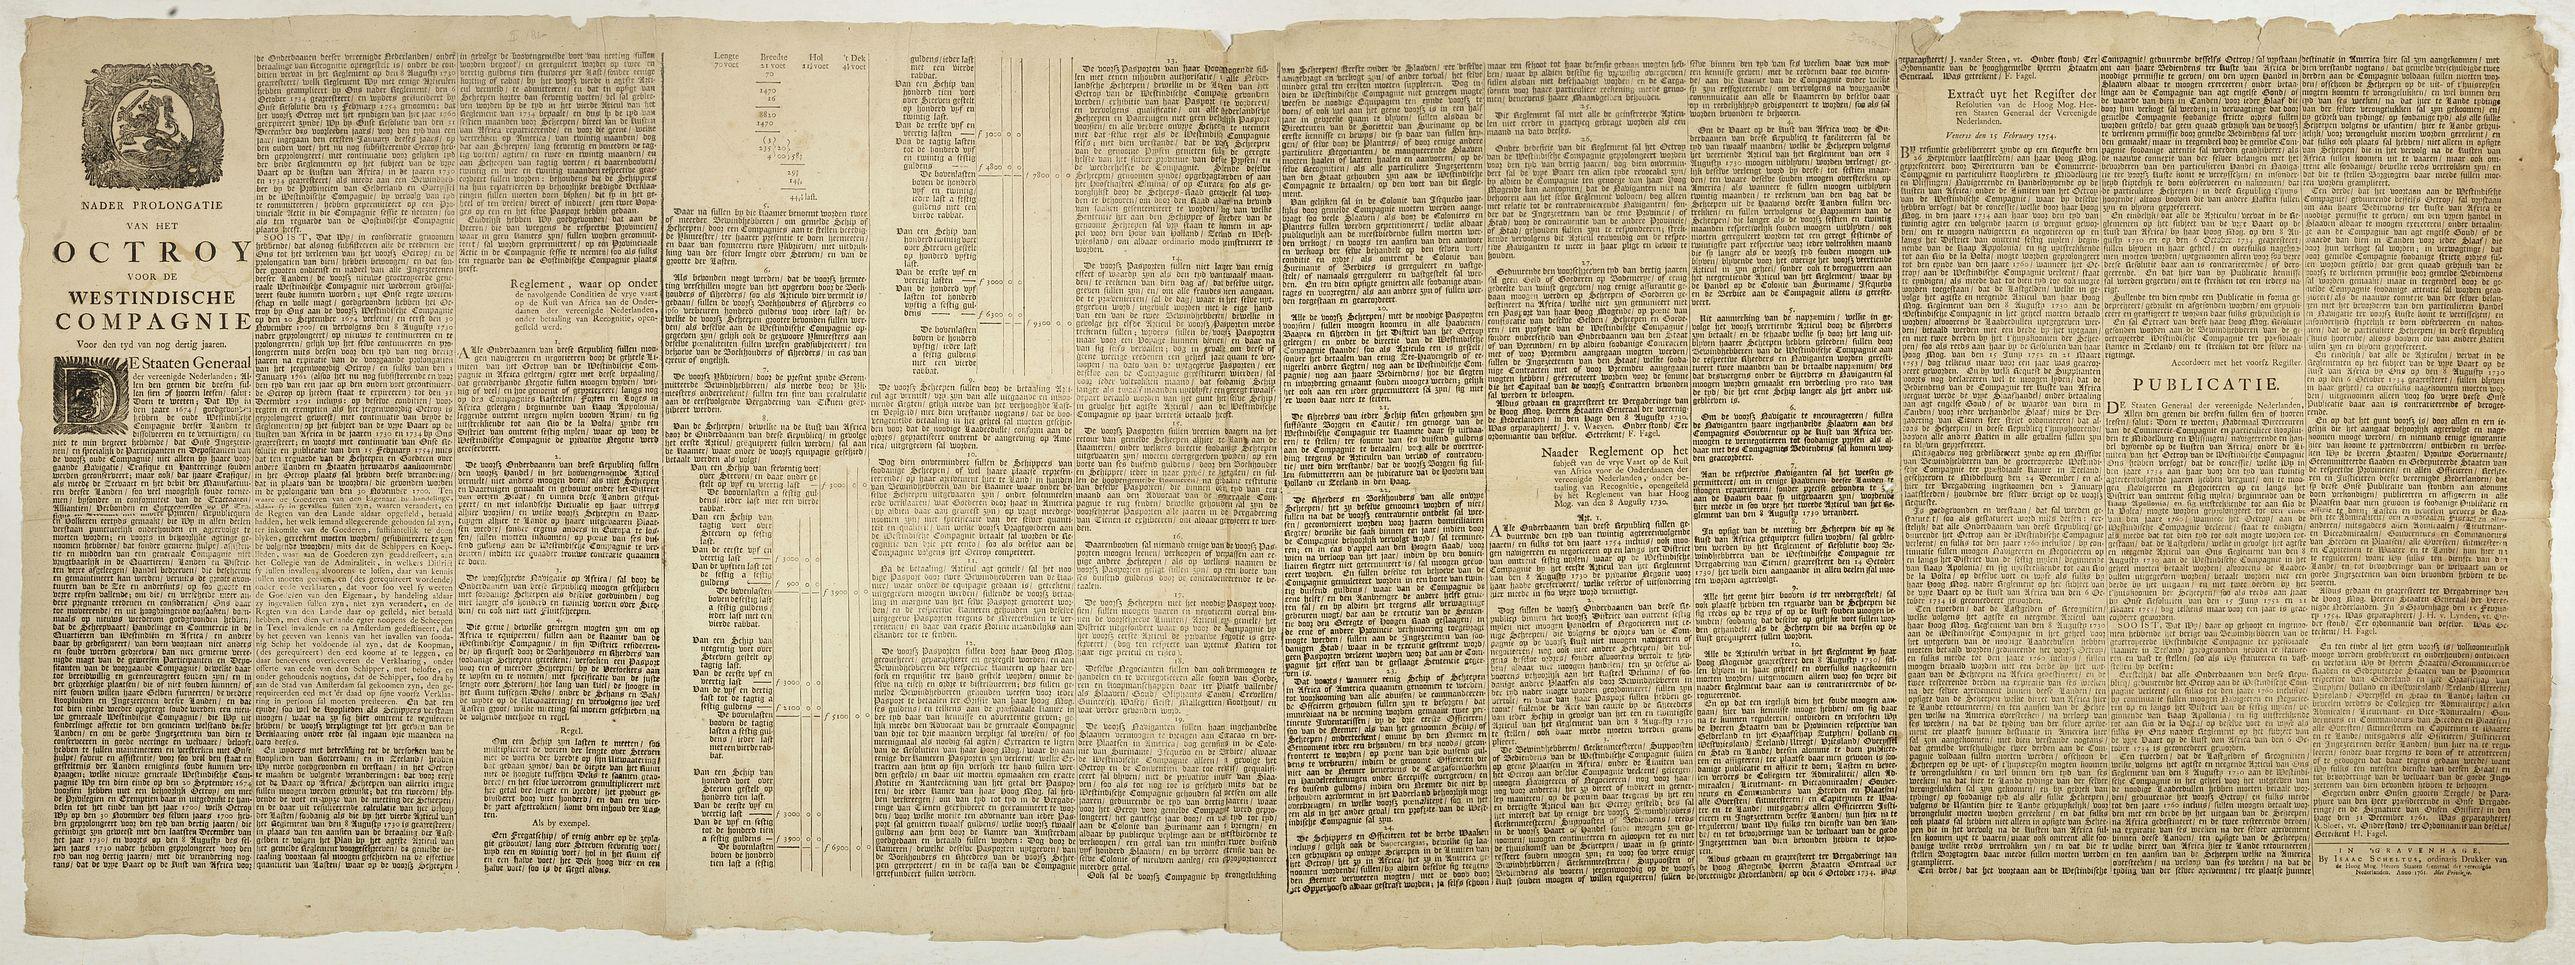 SCHELTUS, I. -  Nader prolongatie van het Octroy voor de Westindische Compagnie voor den tyd van nog dertig jaaren. . .